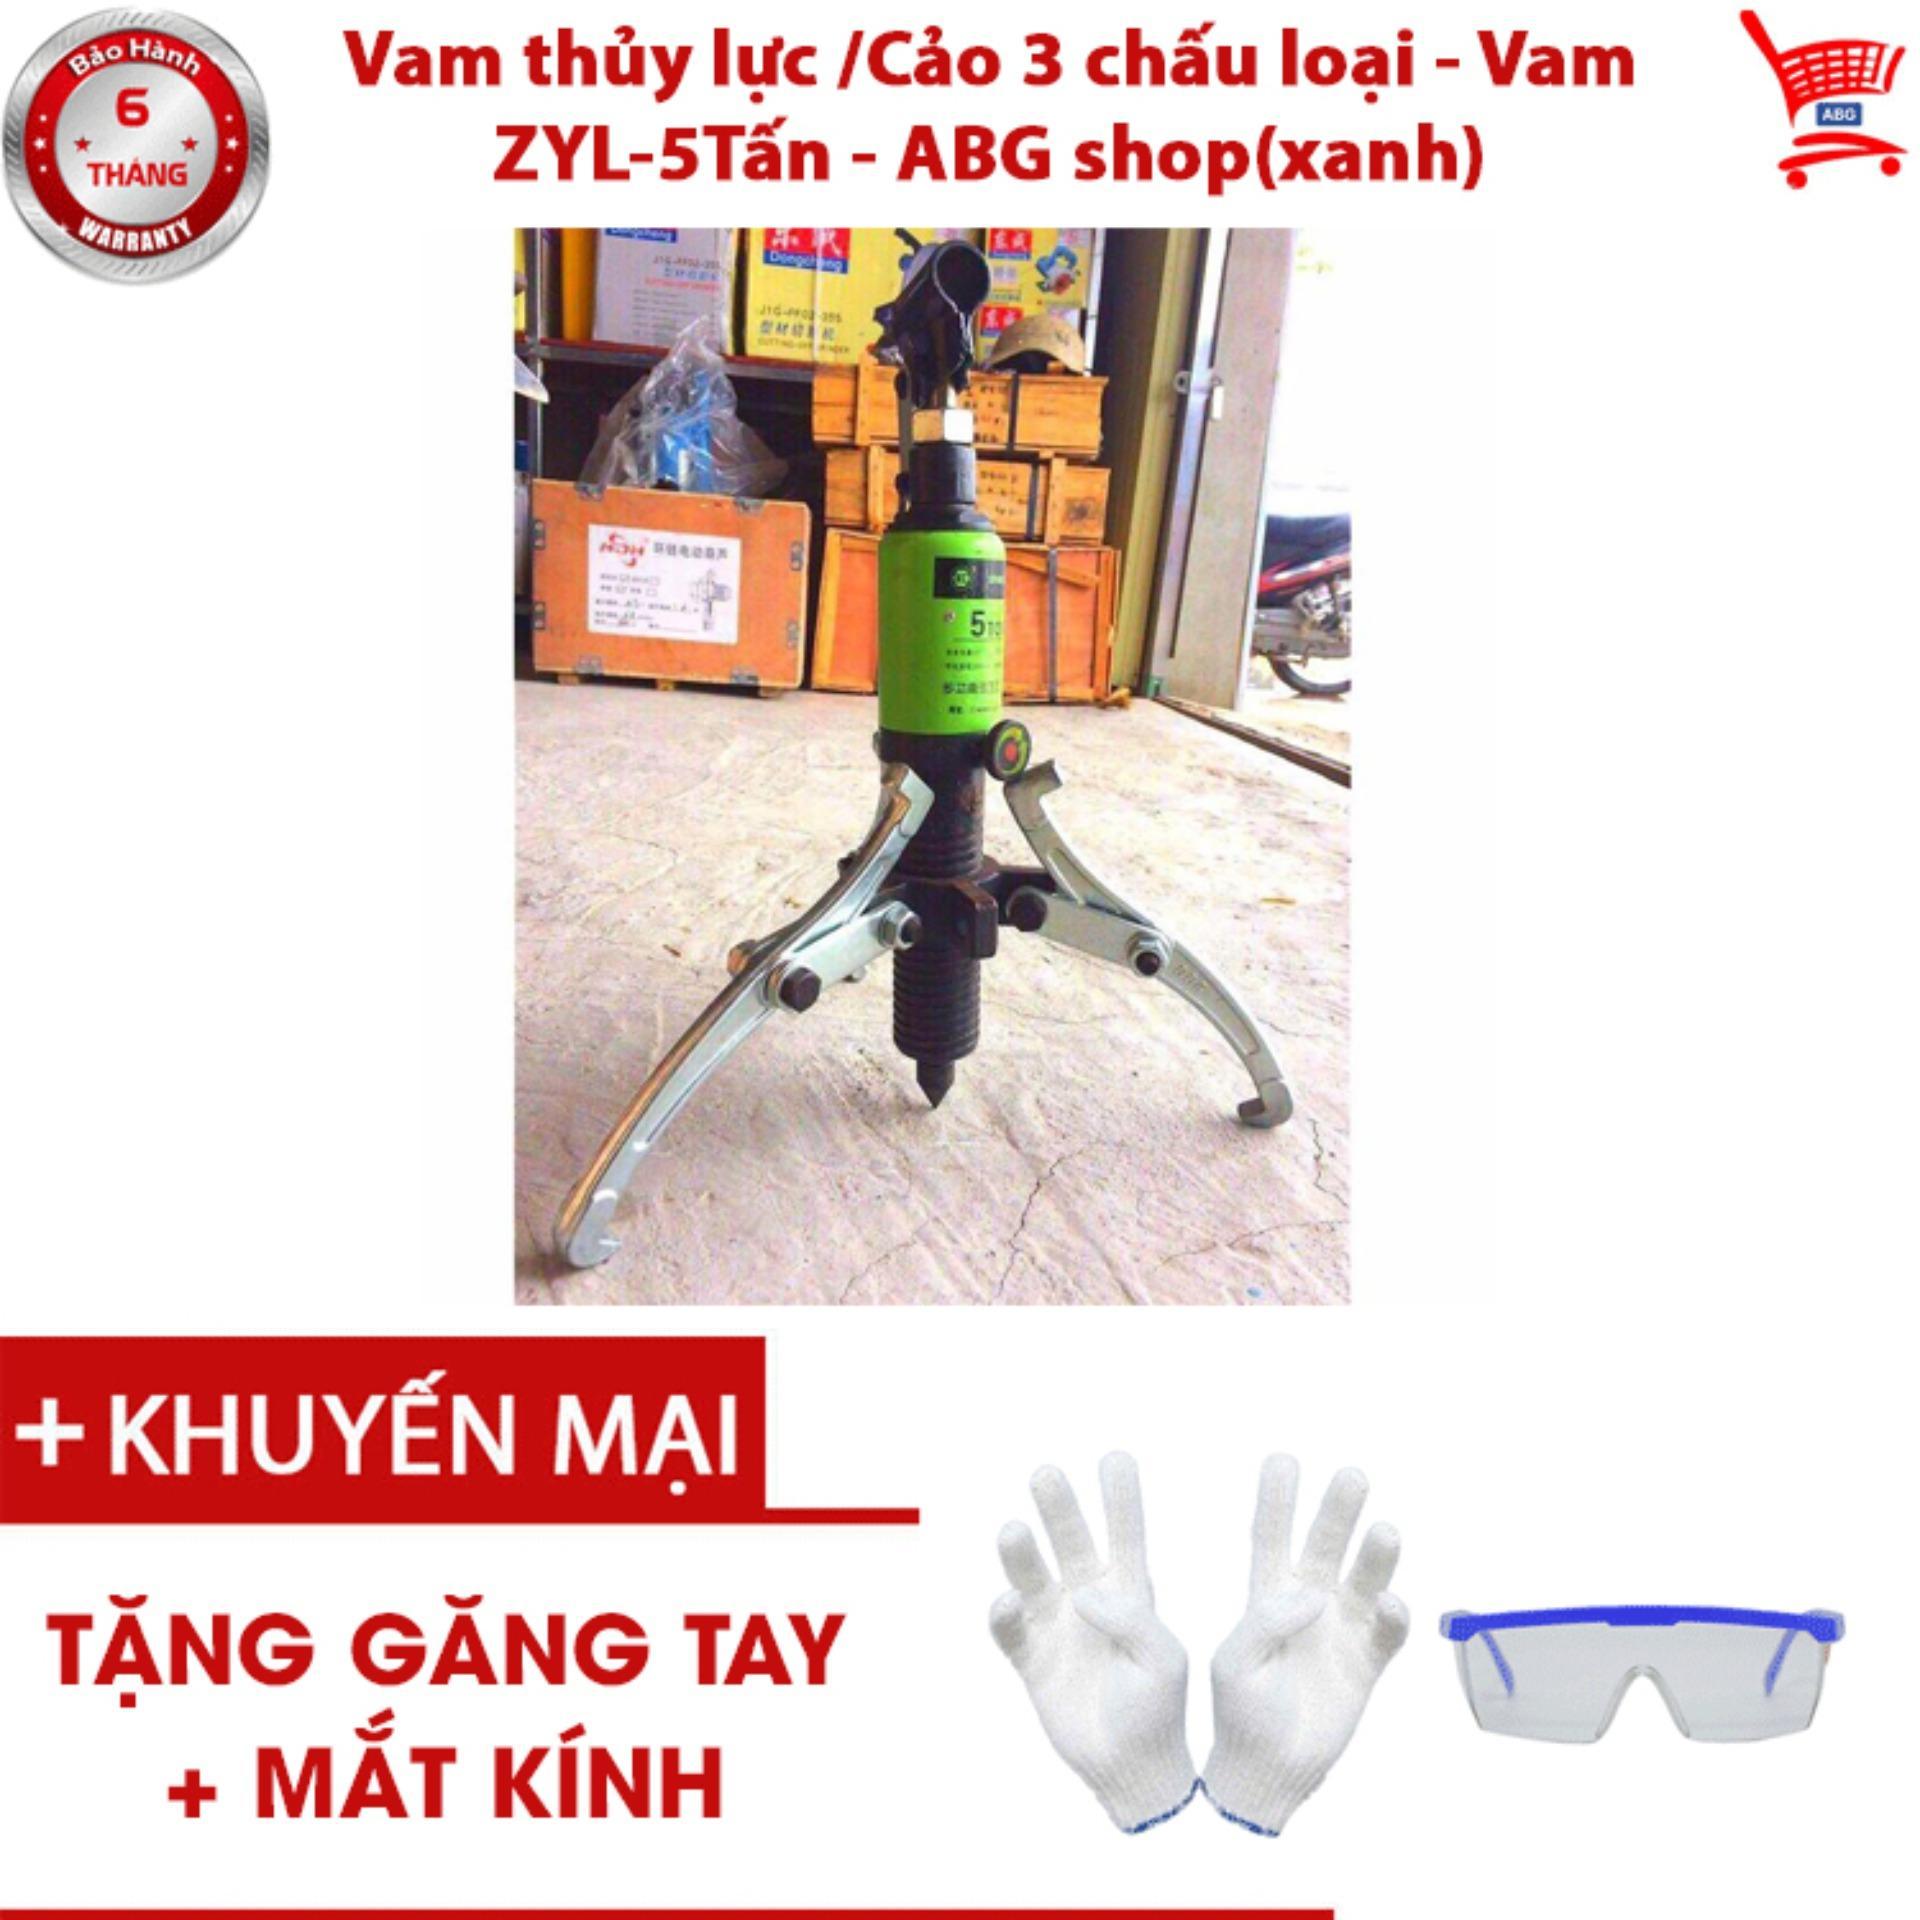 Vam thủy lực /Cảo 3 chấu loại - Vam ZYL-5Tấn - ABG shop